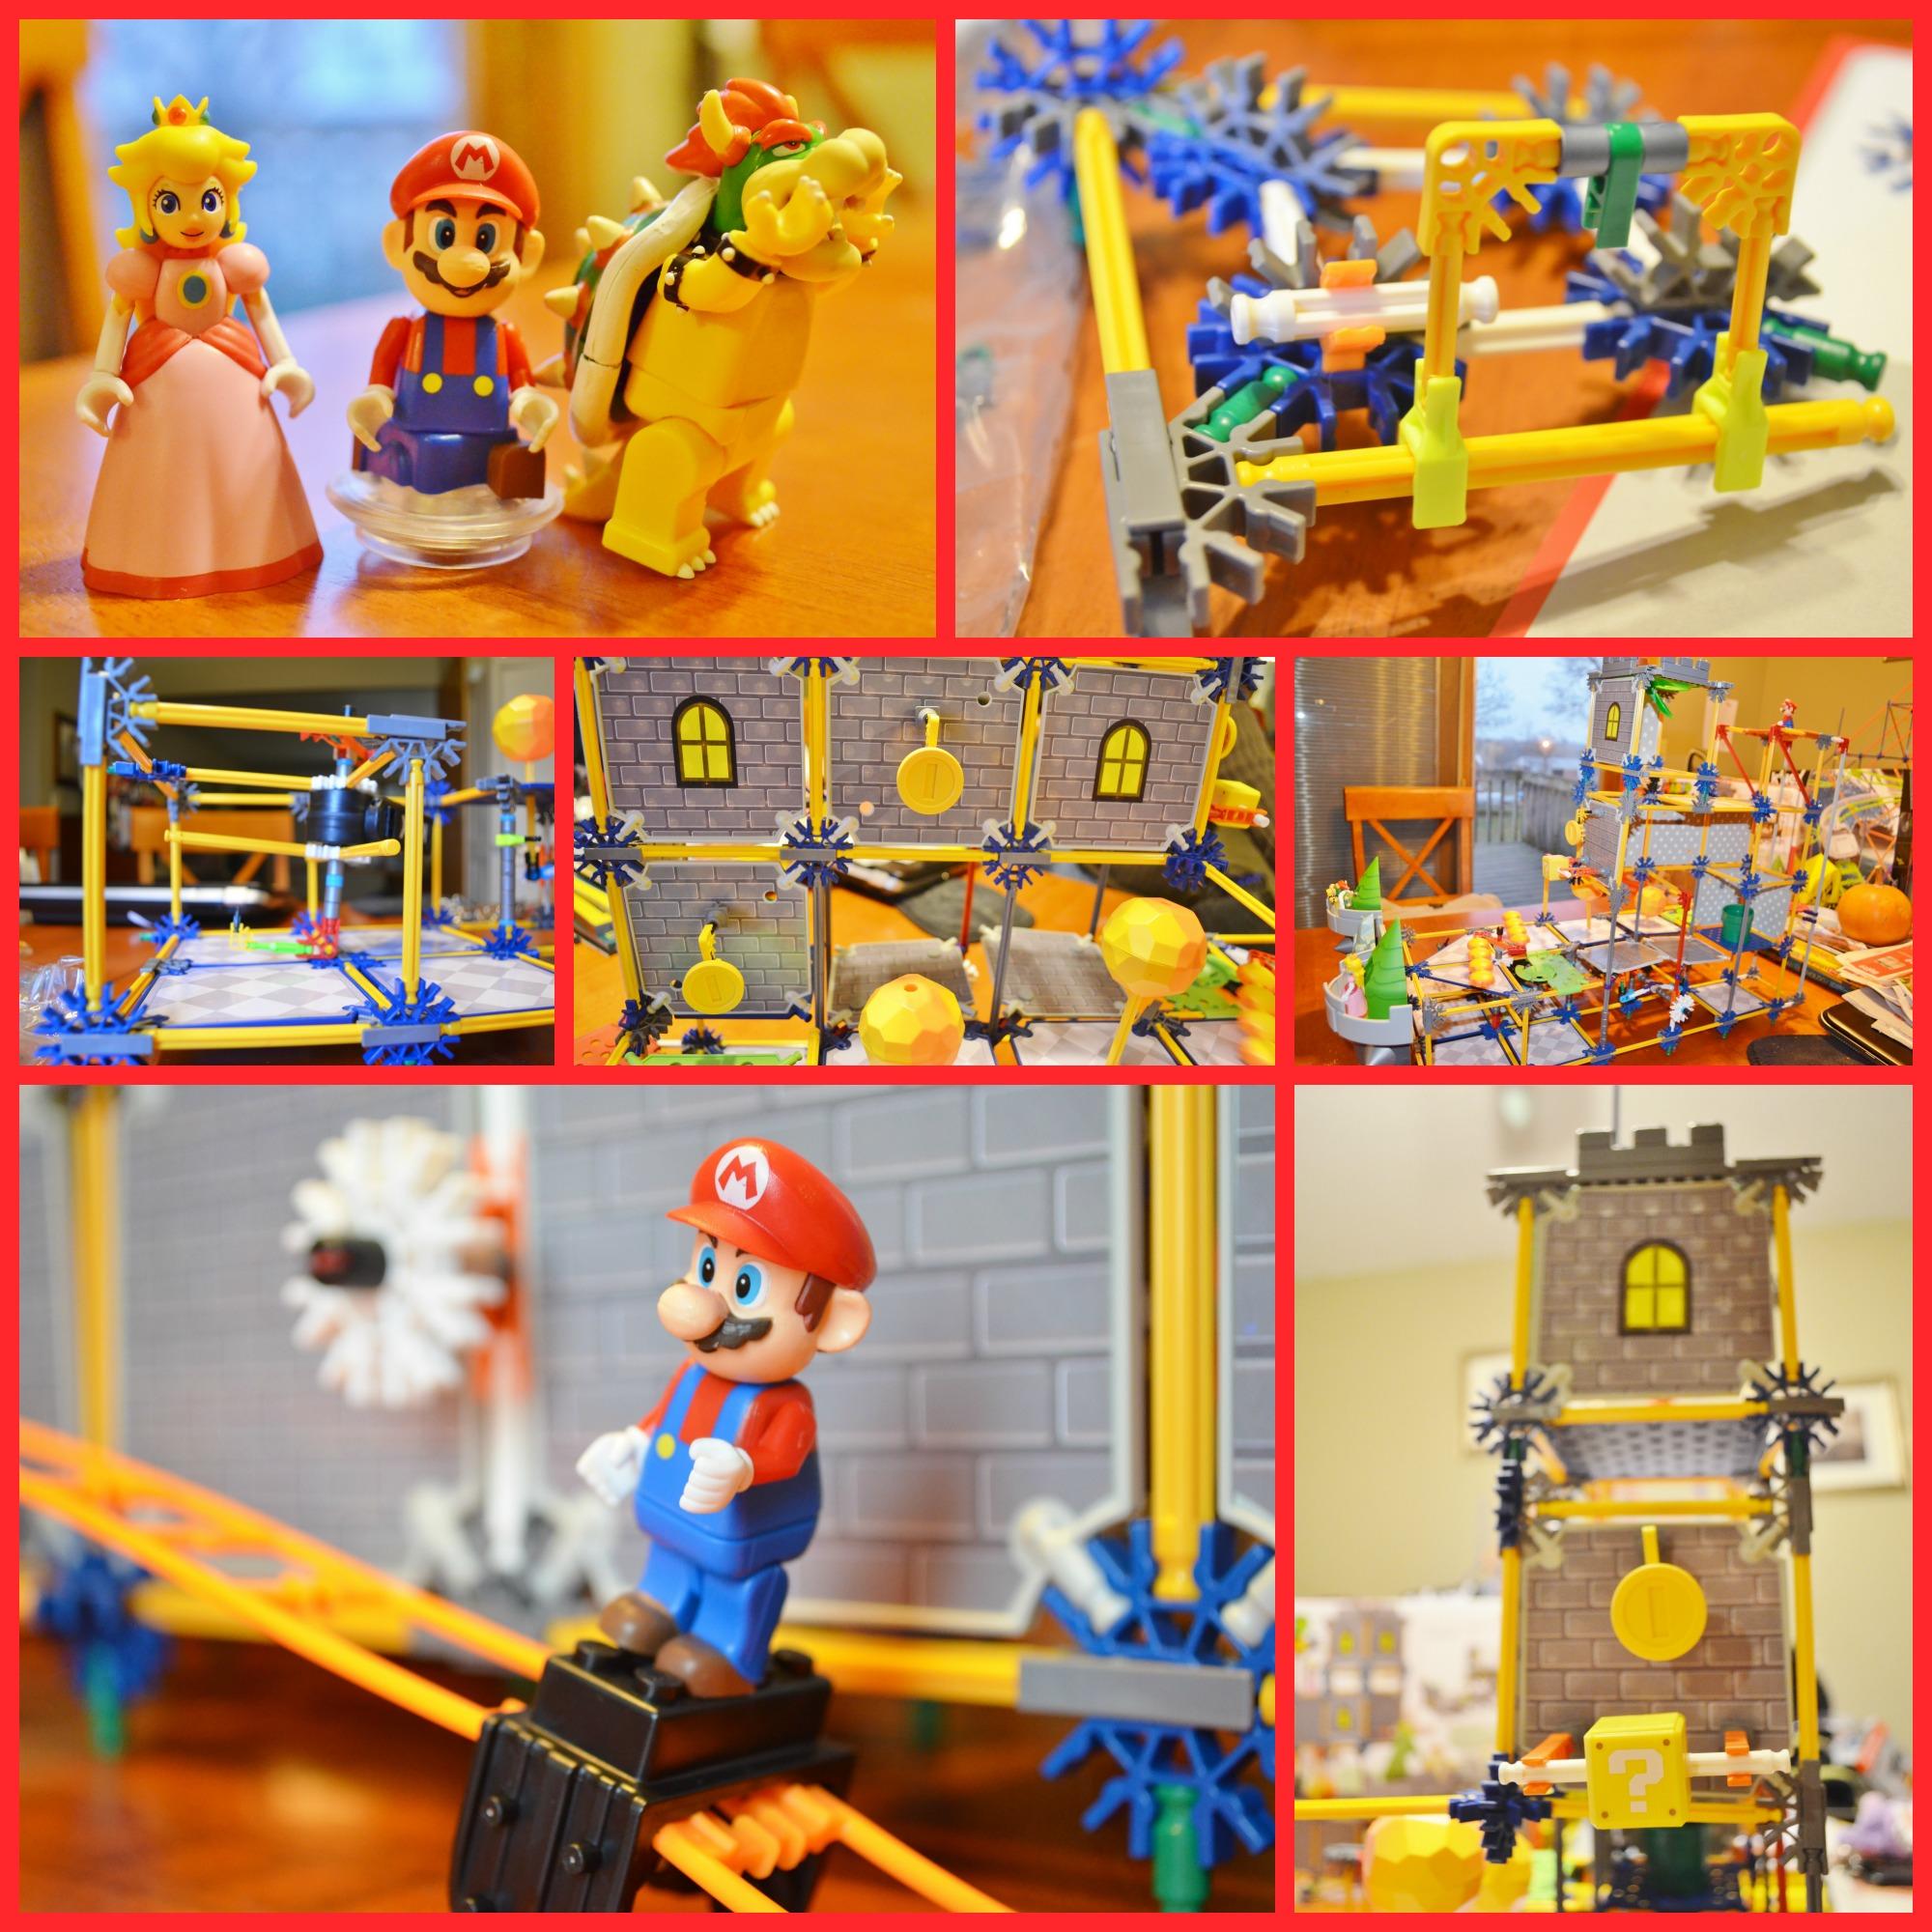 a8133538a9b1 K NEX Super Mario Bowser s Castle Building Set Review